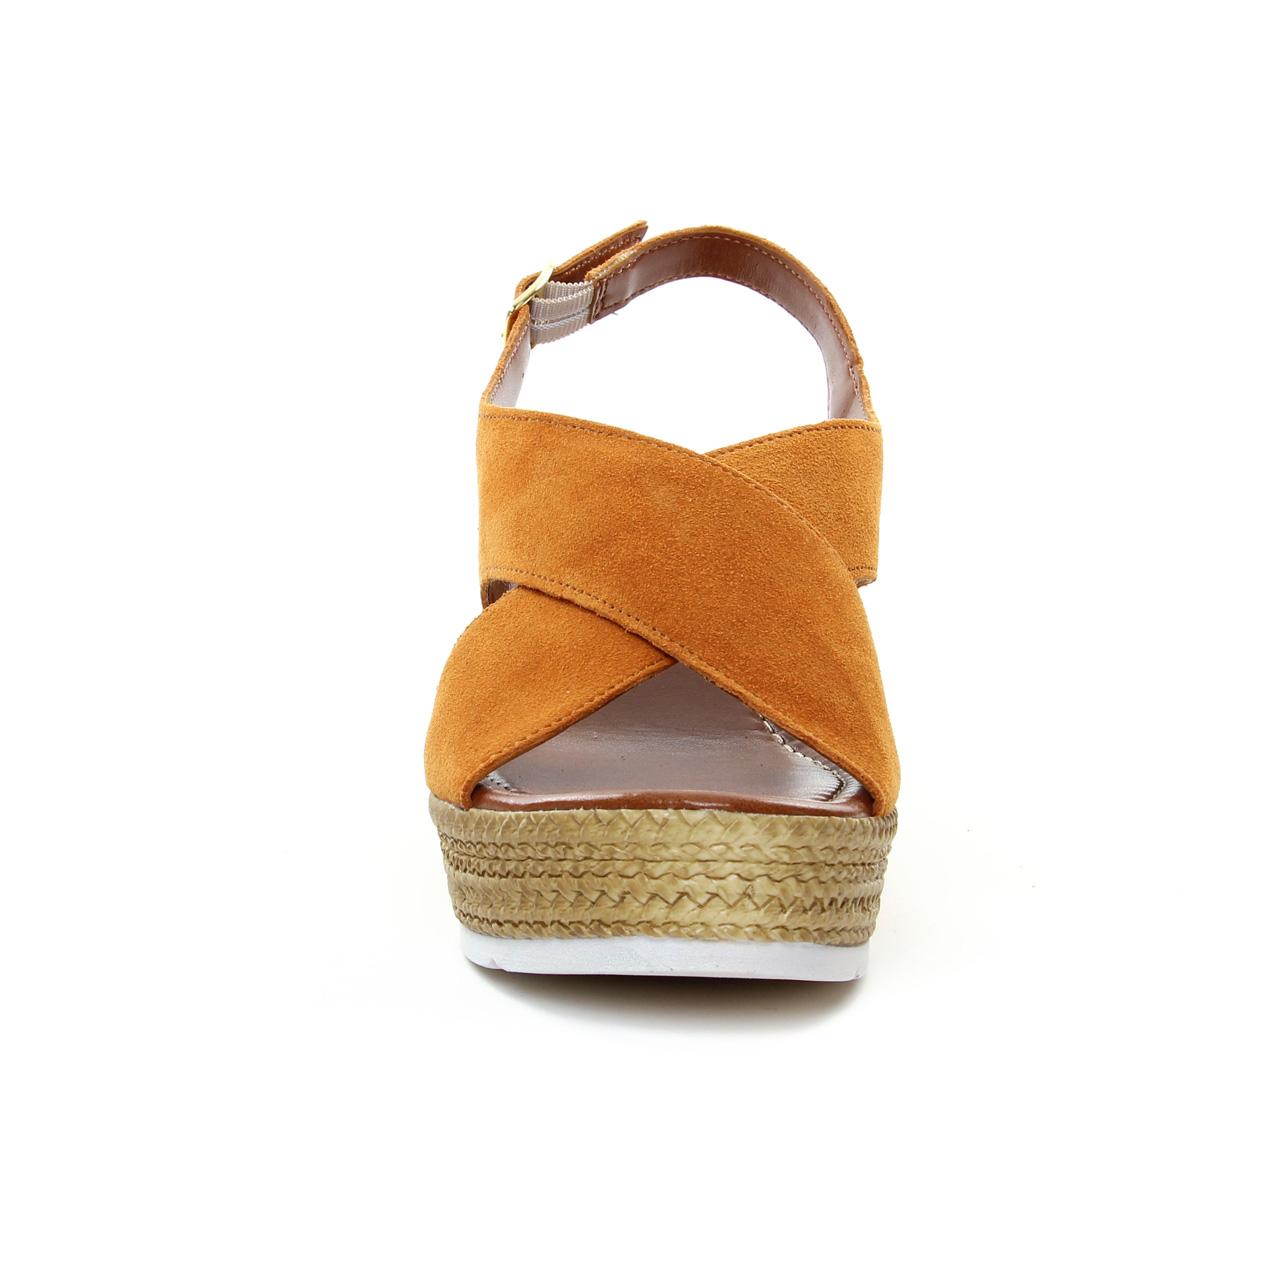 972df6a89ced nu-pieds semelle corde orange marron mode femme printemps été vue 6